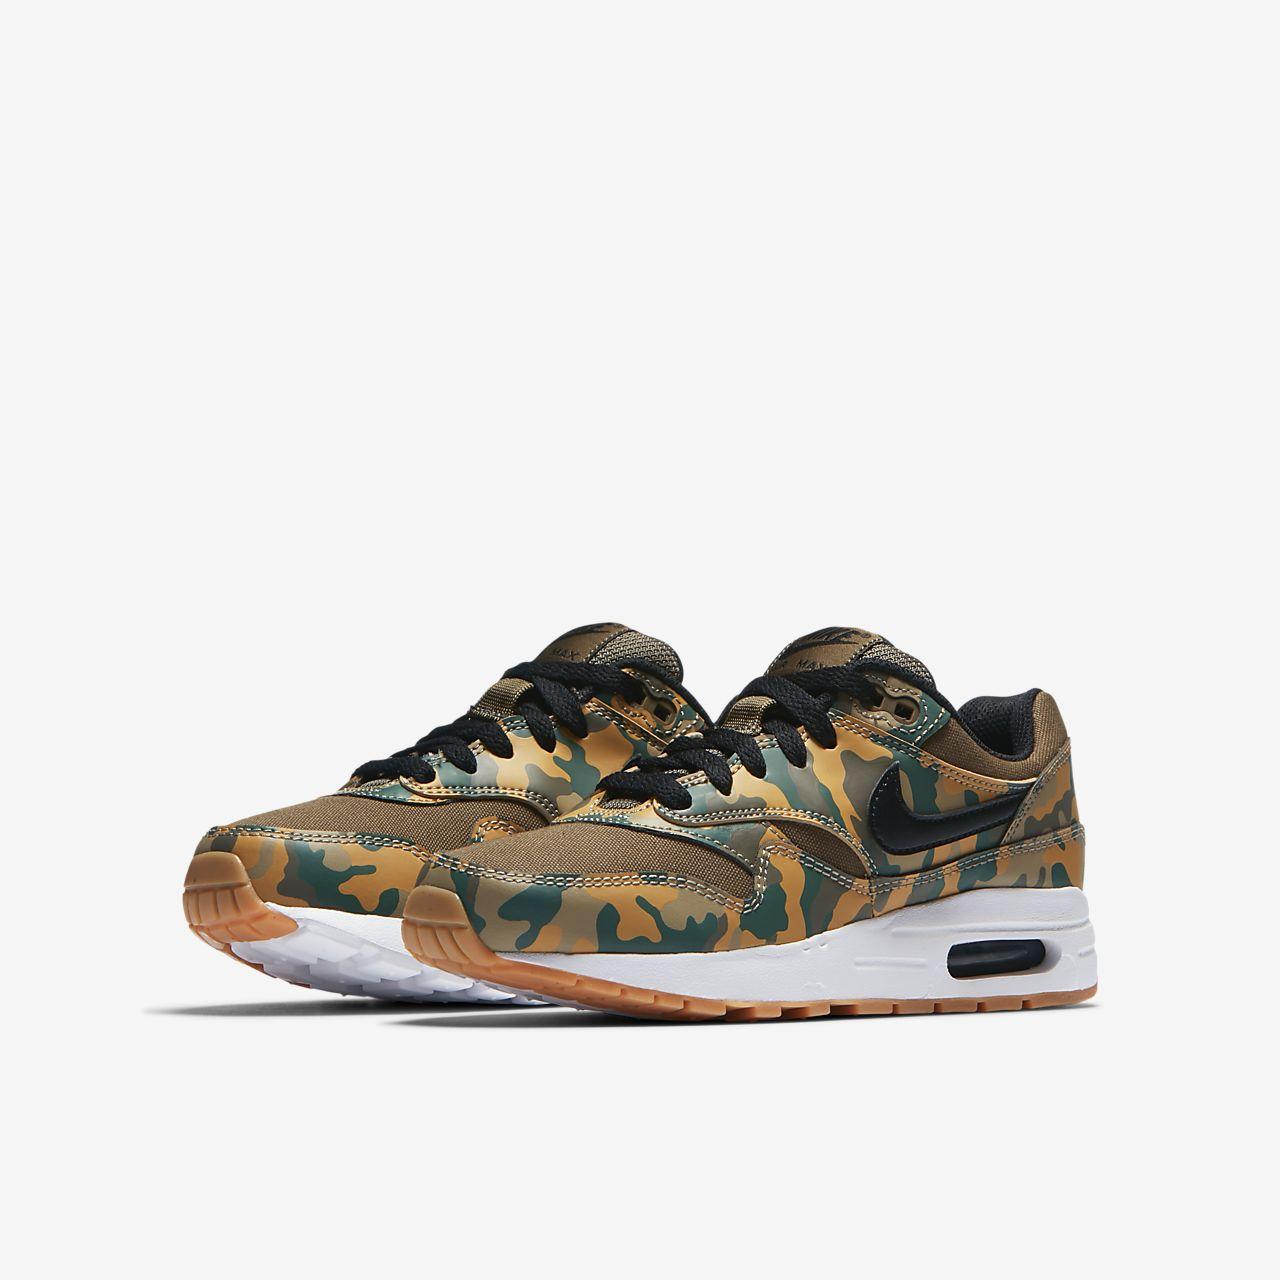 Nike Air Max 1 Camo Print AR1139 200 | SneakerFiles